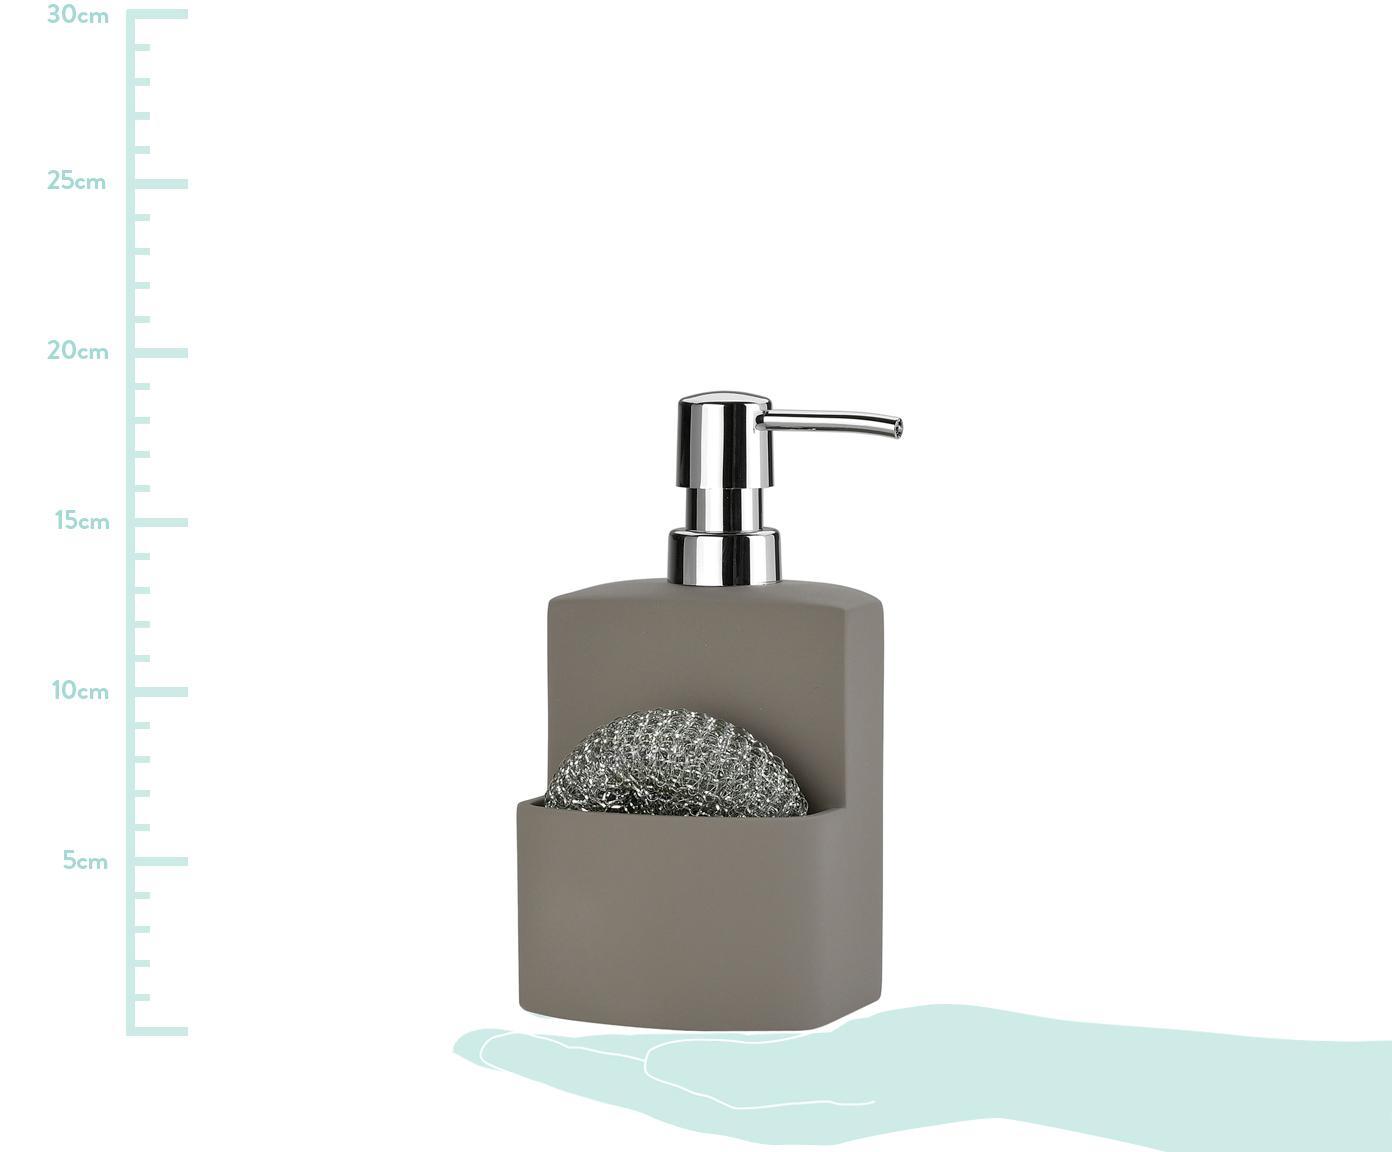 Seifenspender Seeque mit Schwamm, 2-tlg., Metallschwamm: Metall, Grau, Silberfarben, 11 x 19 cm